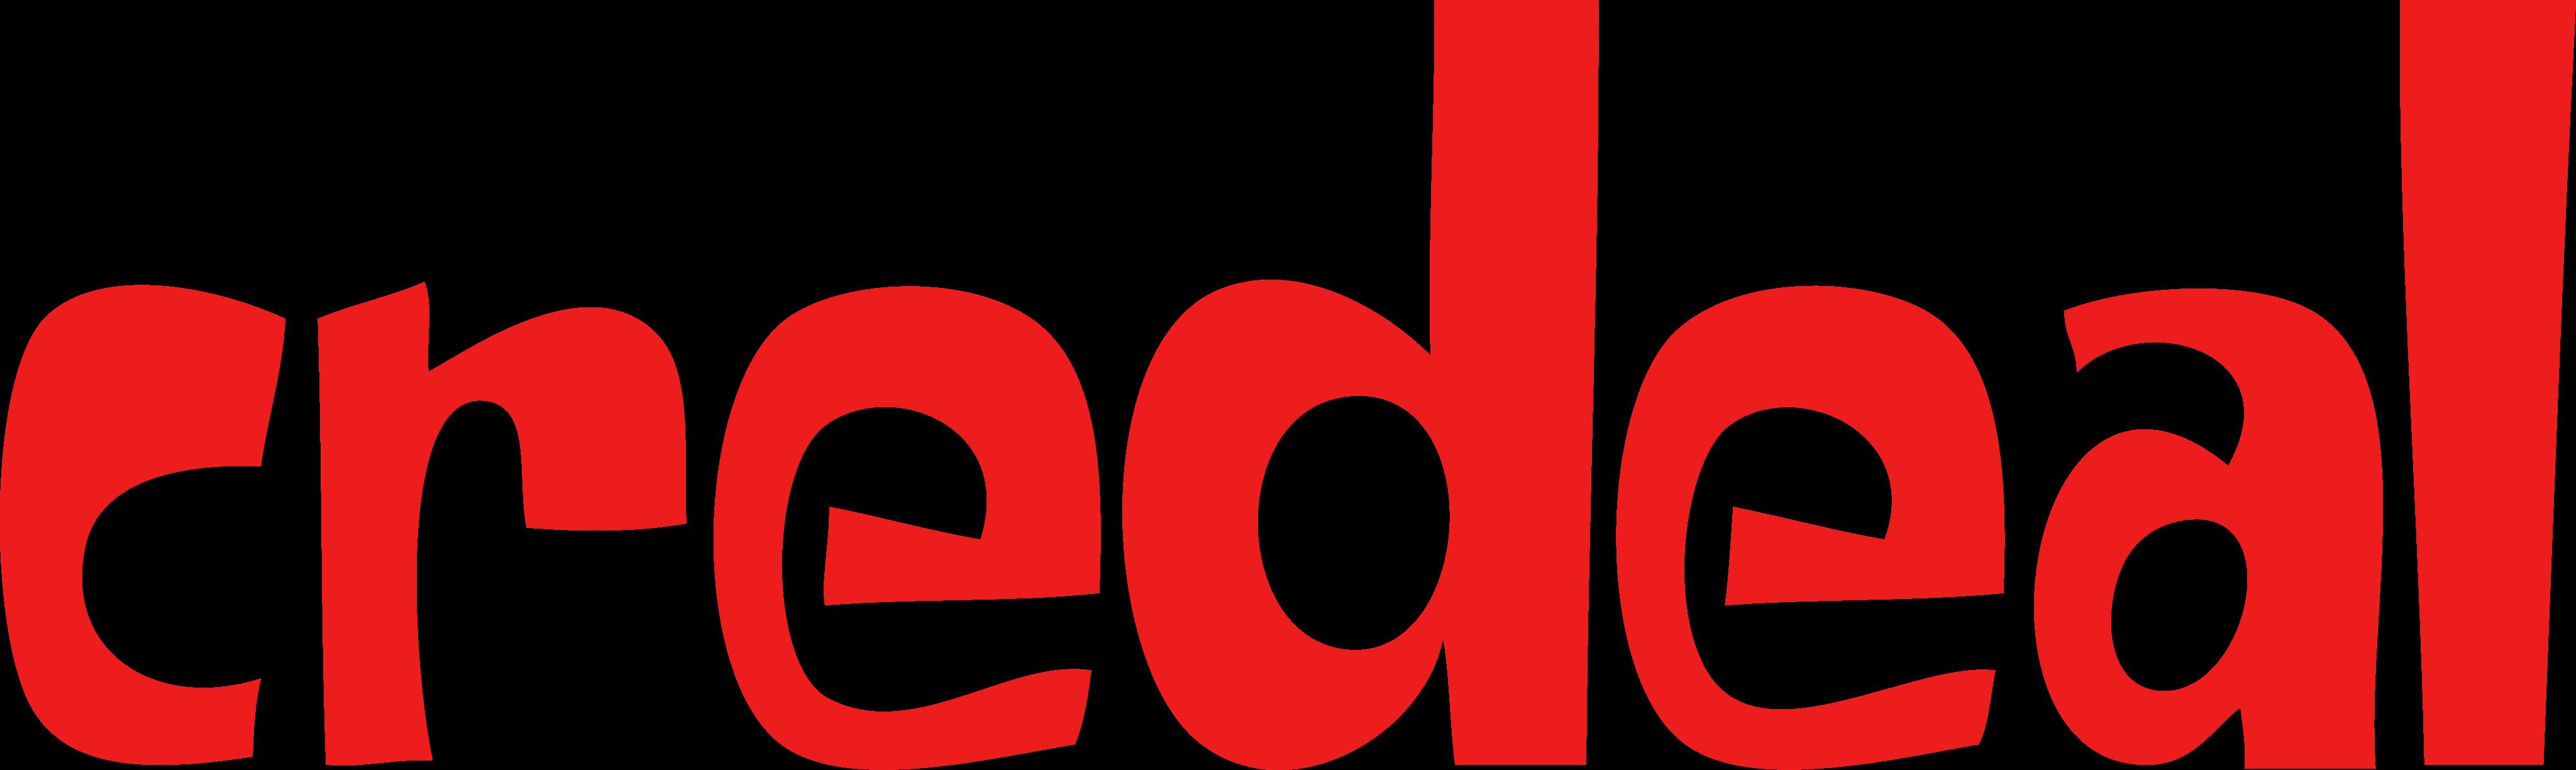 Credeal Logo.